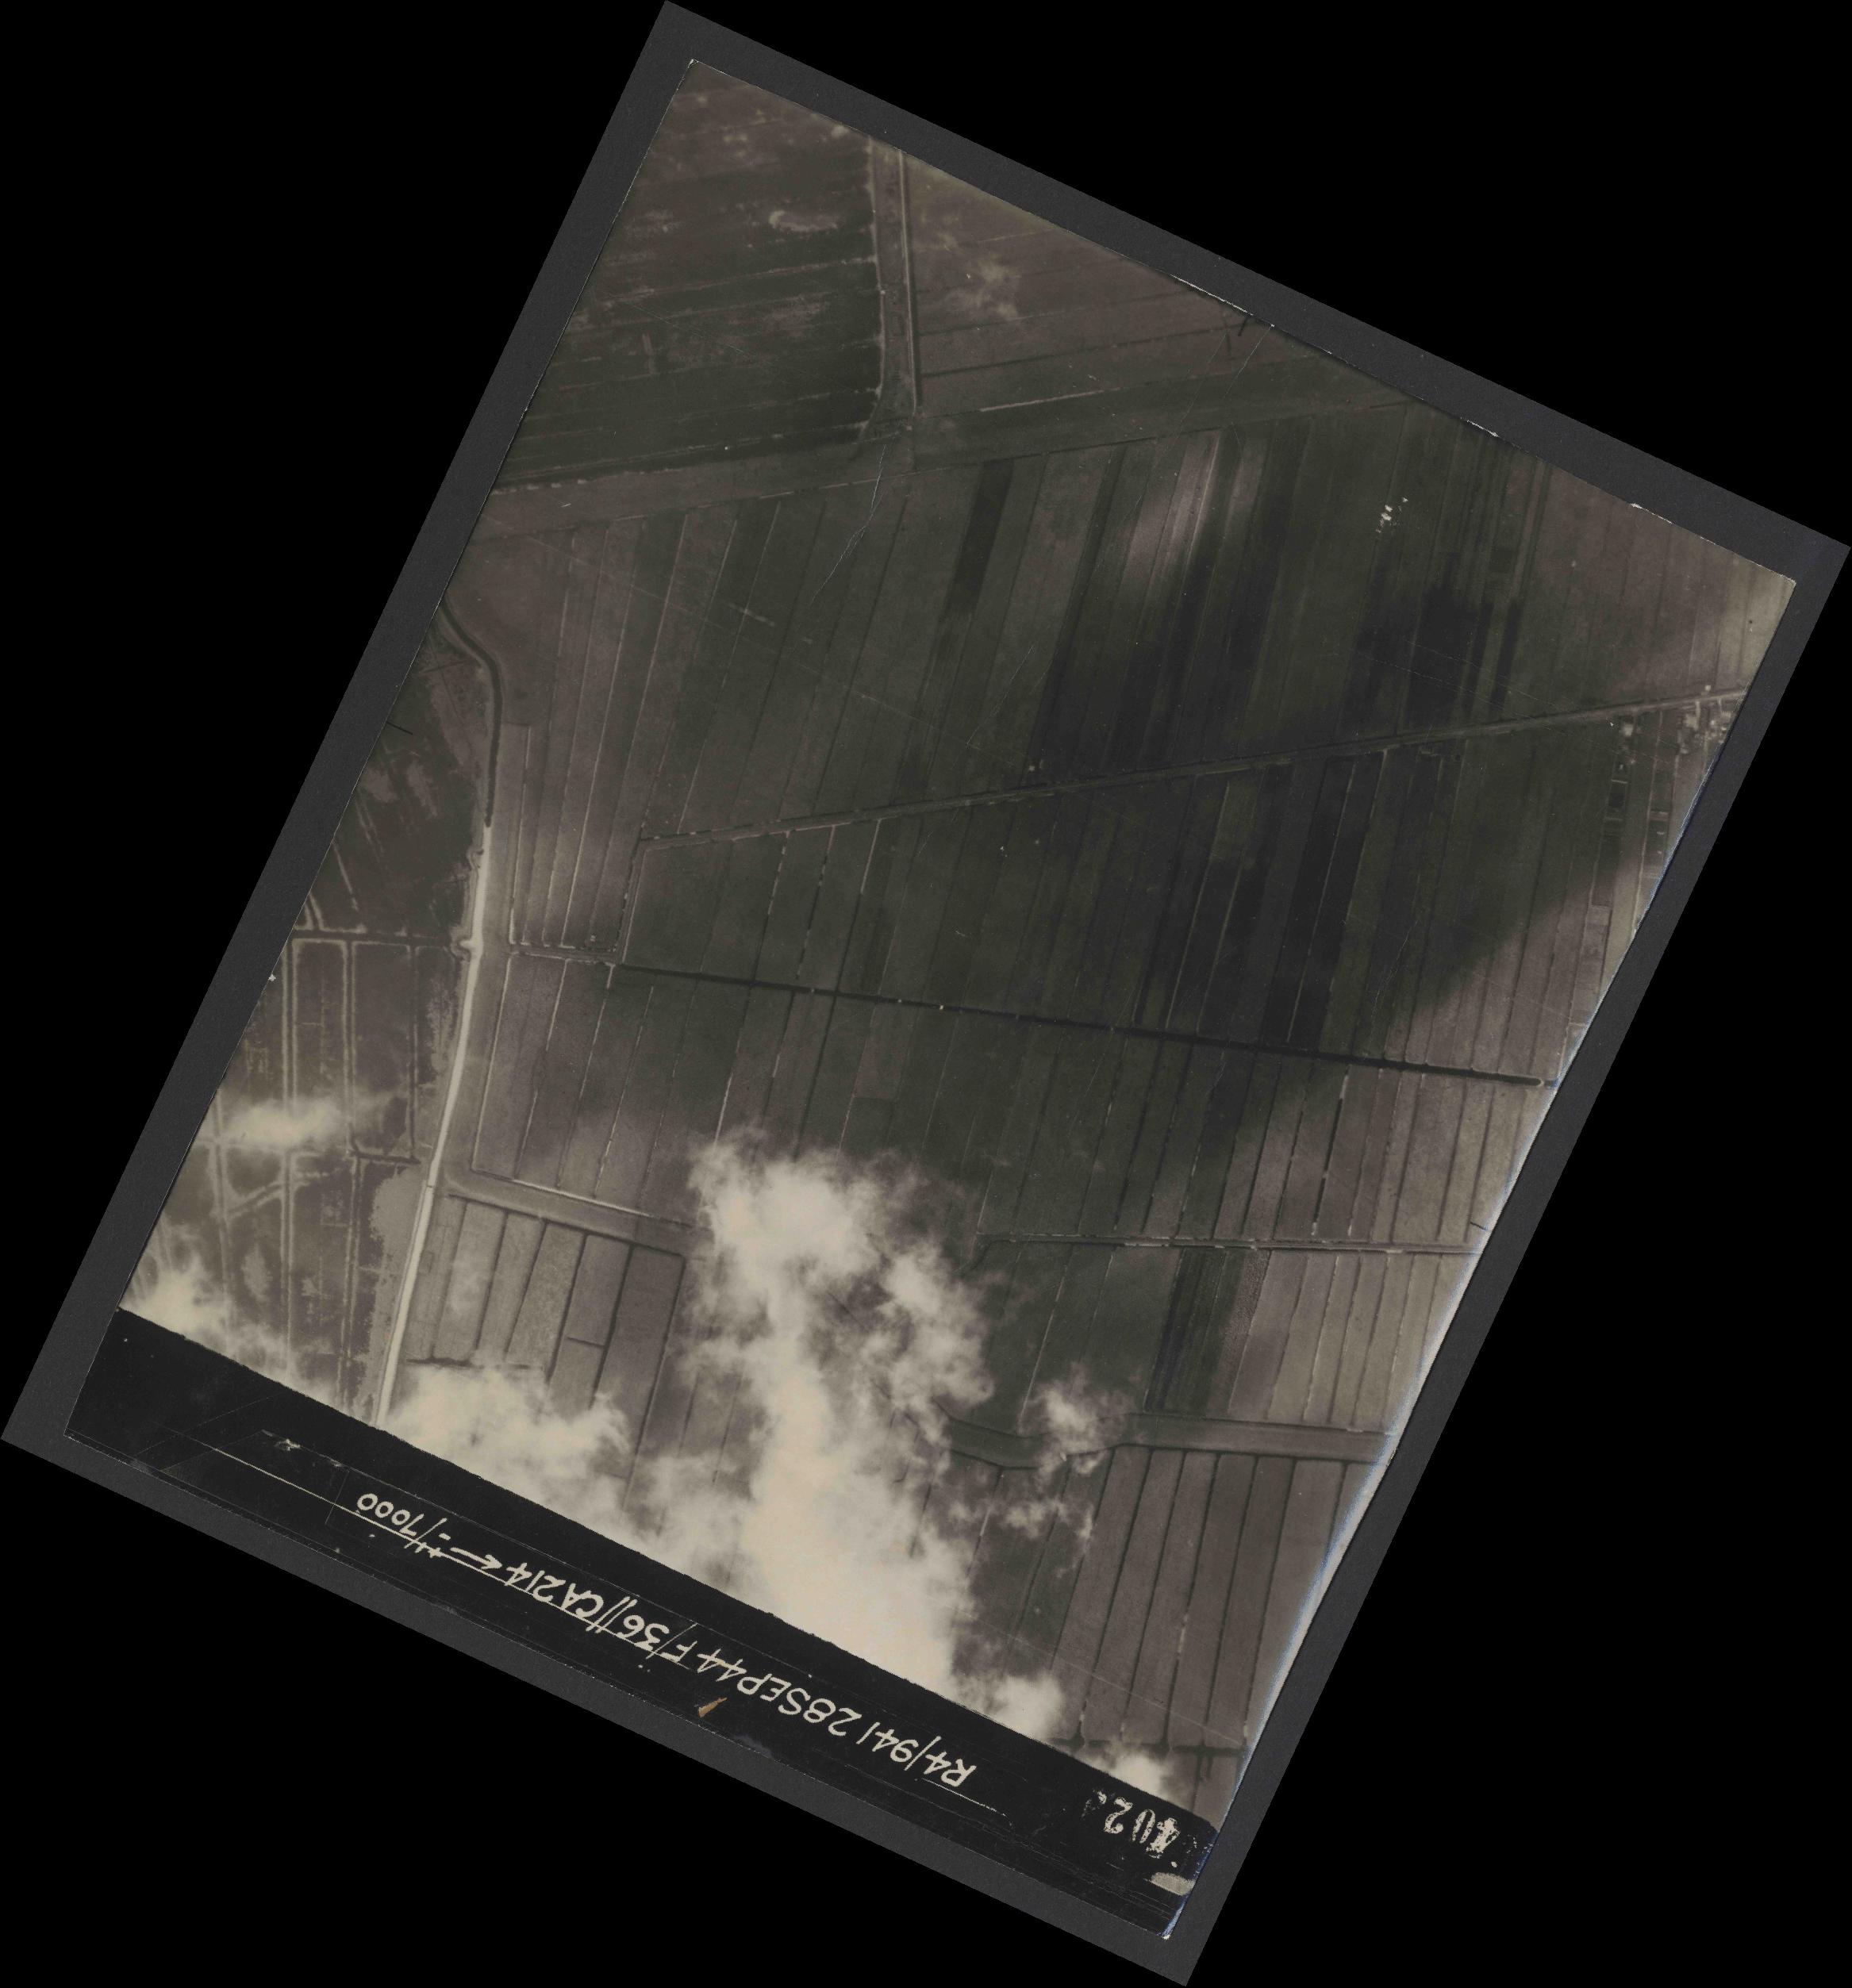 Collection RAF aerial photos 1940-1945 - flight 067, run 06, photo 4024